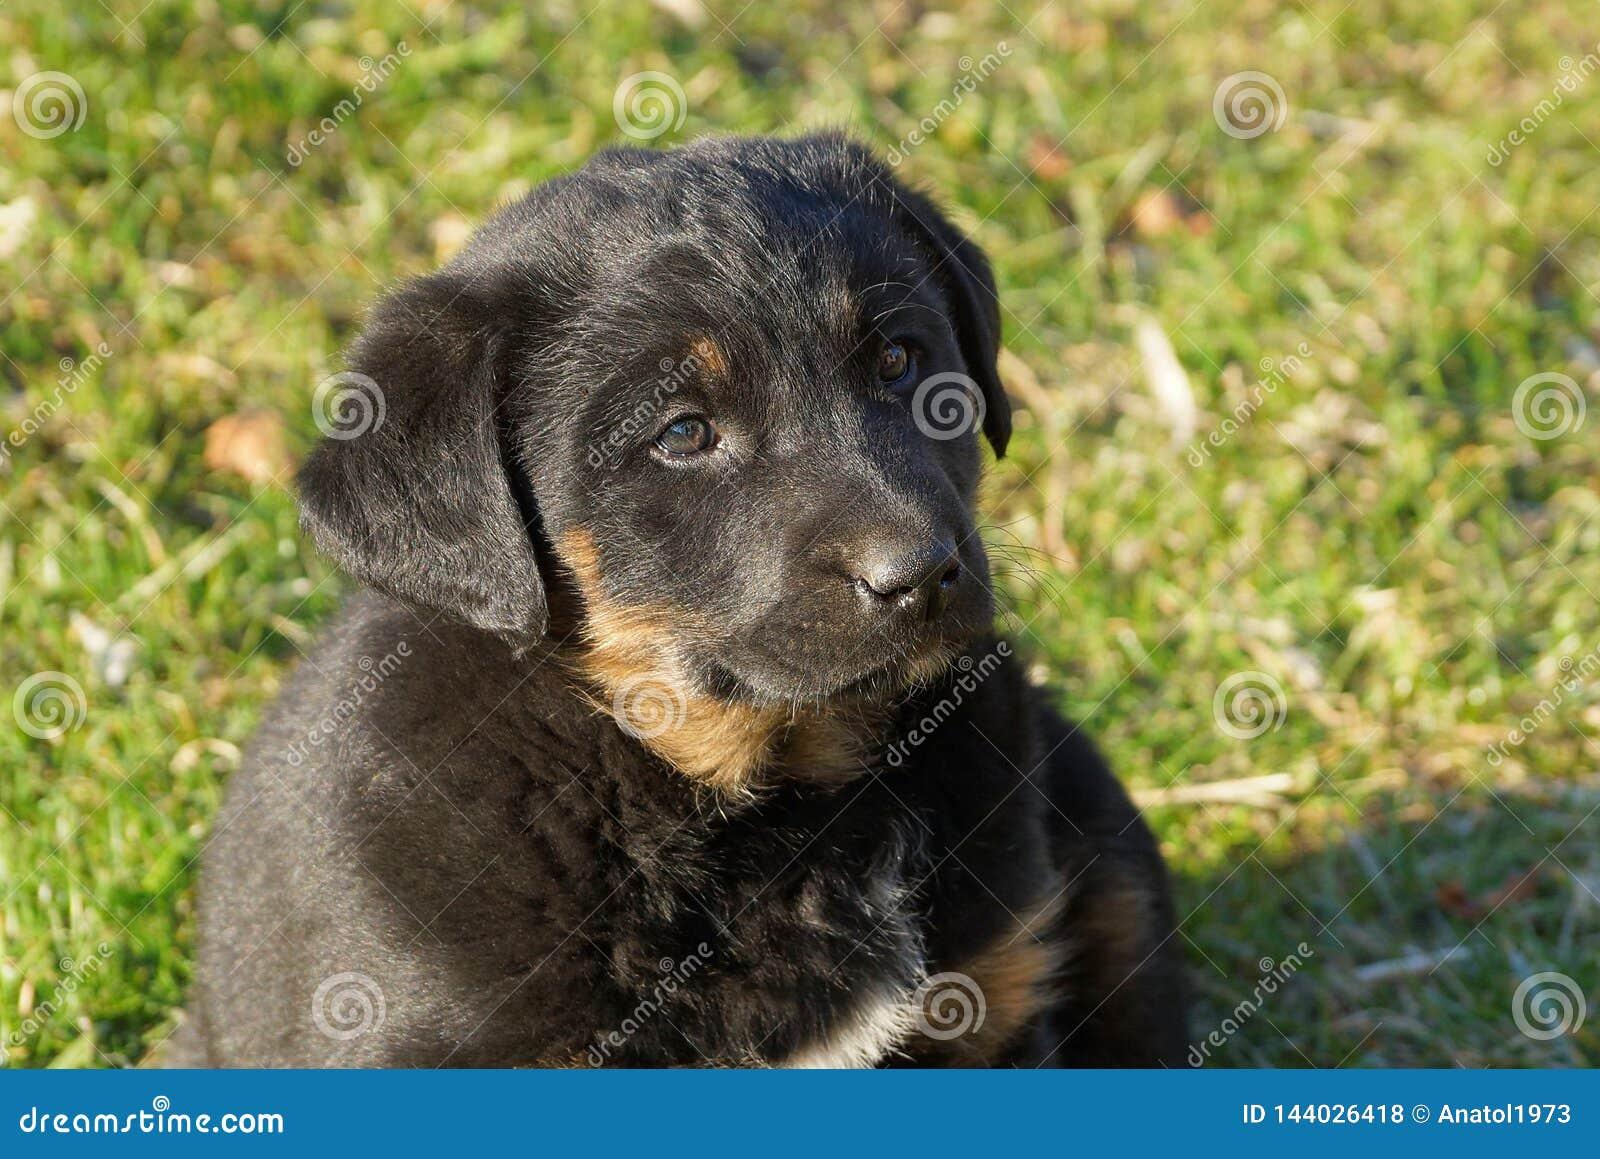 Un pequeño perrito marrón negro se está sentando en la hierba verde en el parque